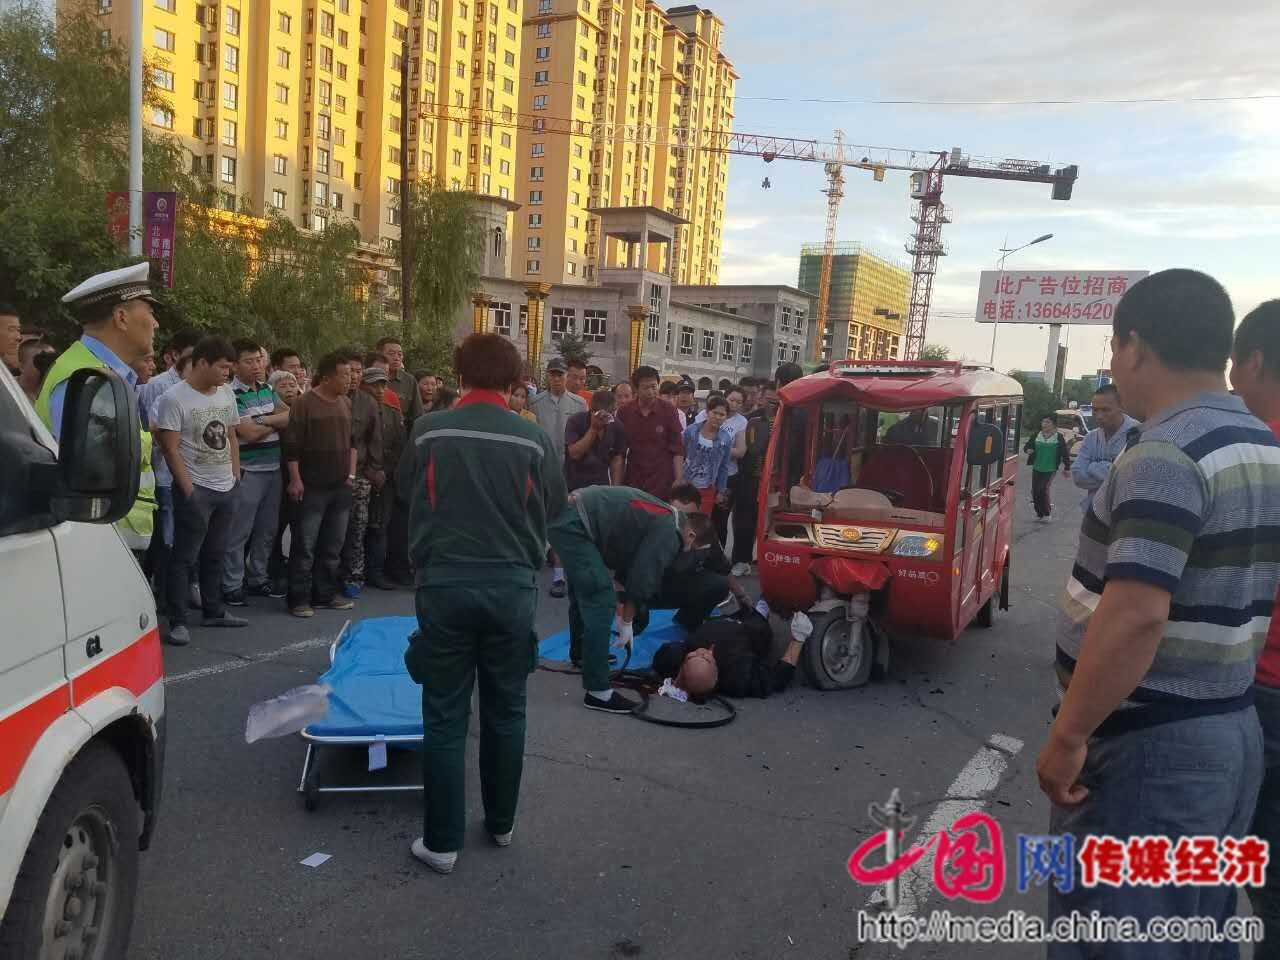 首页 驾校资讯 黑龙江佳木斯发生一起车祸两人受伤一人伤情严重